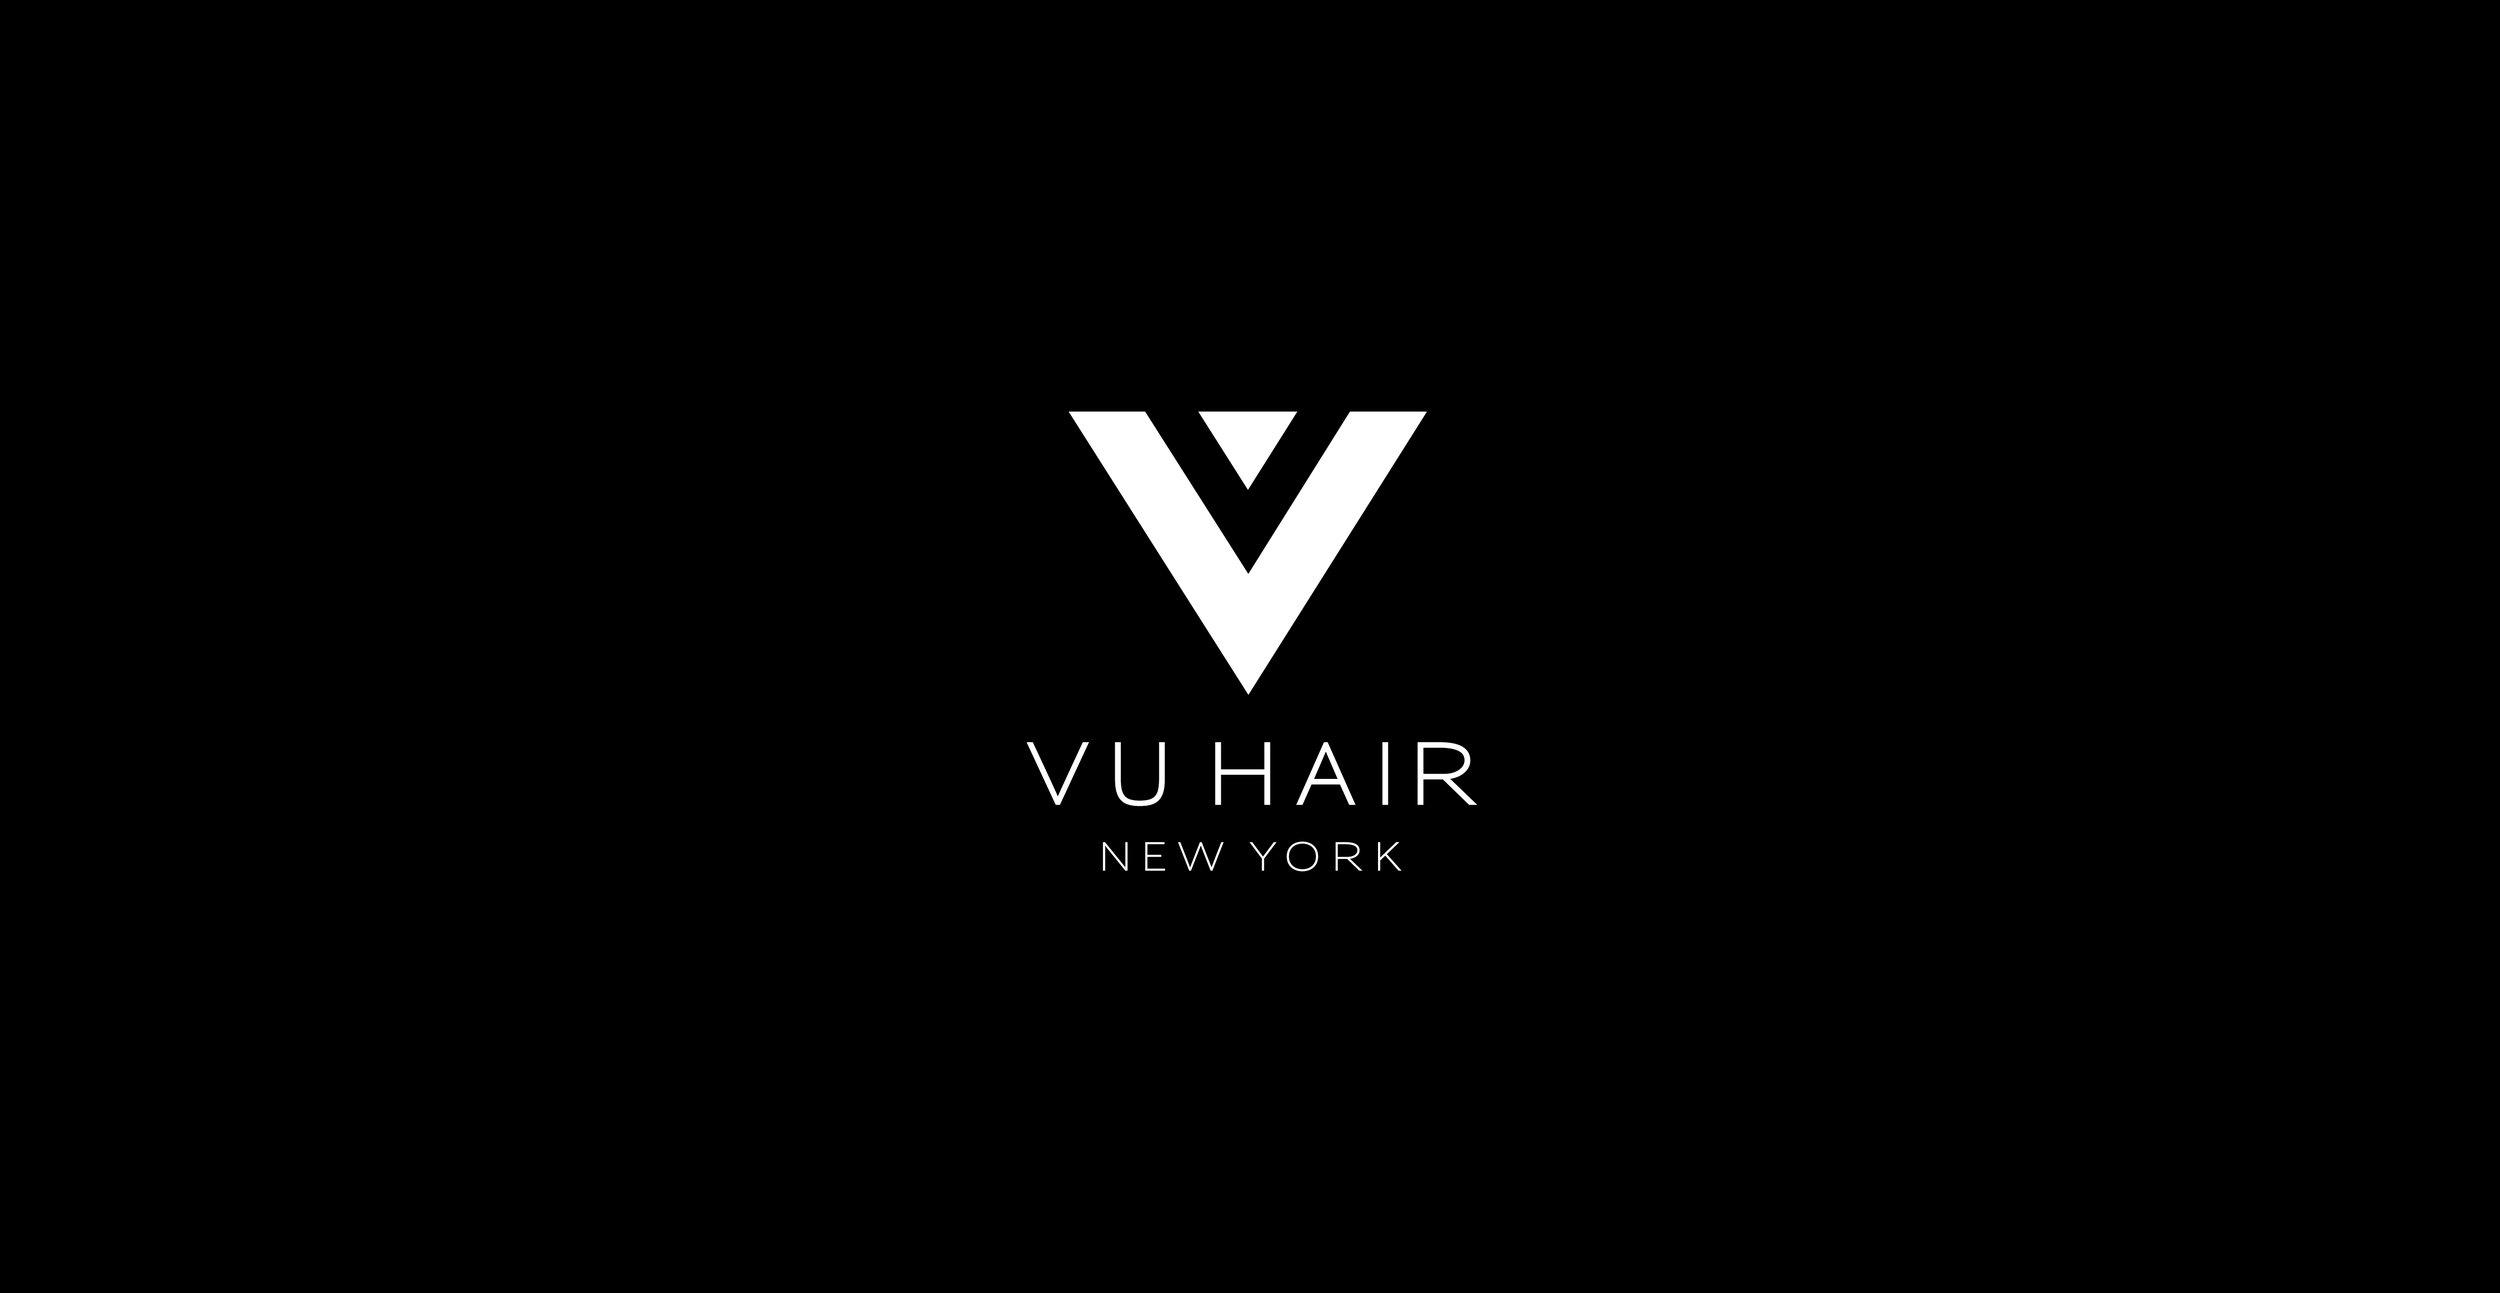 Vu_logo(blackweb).jpg